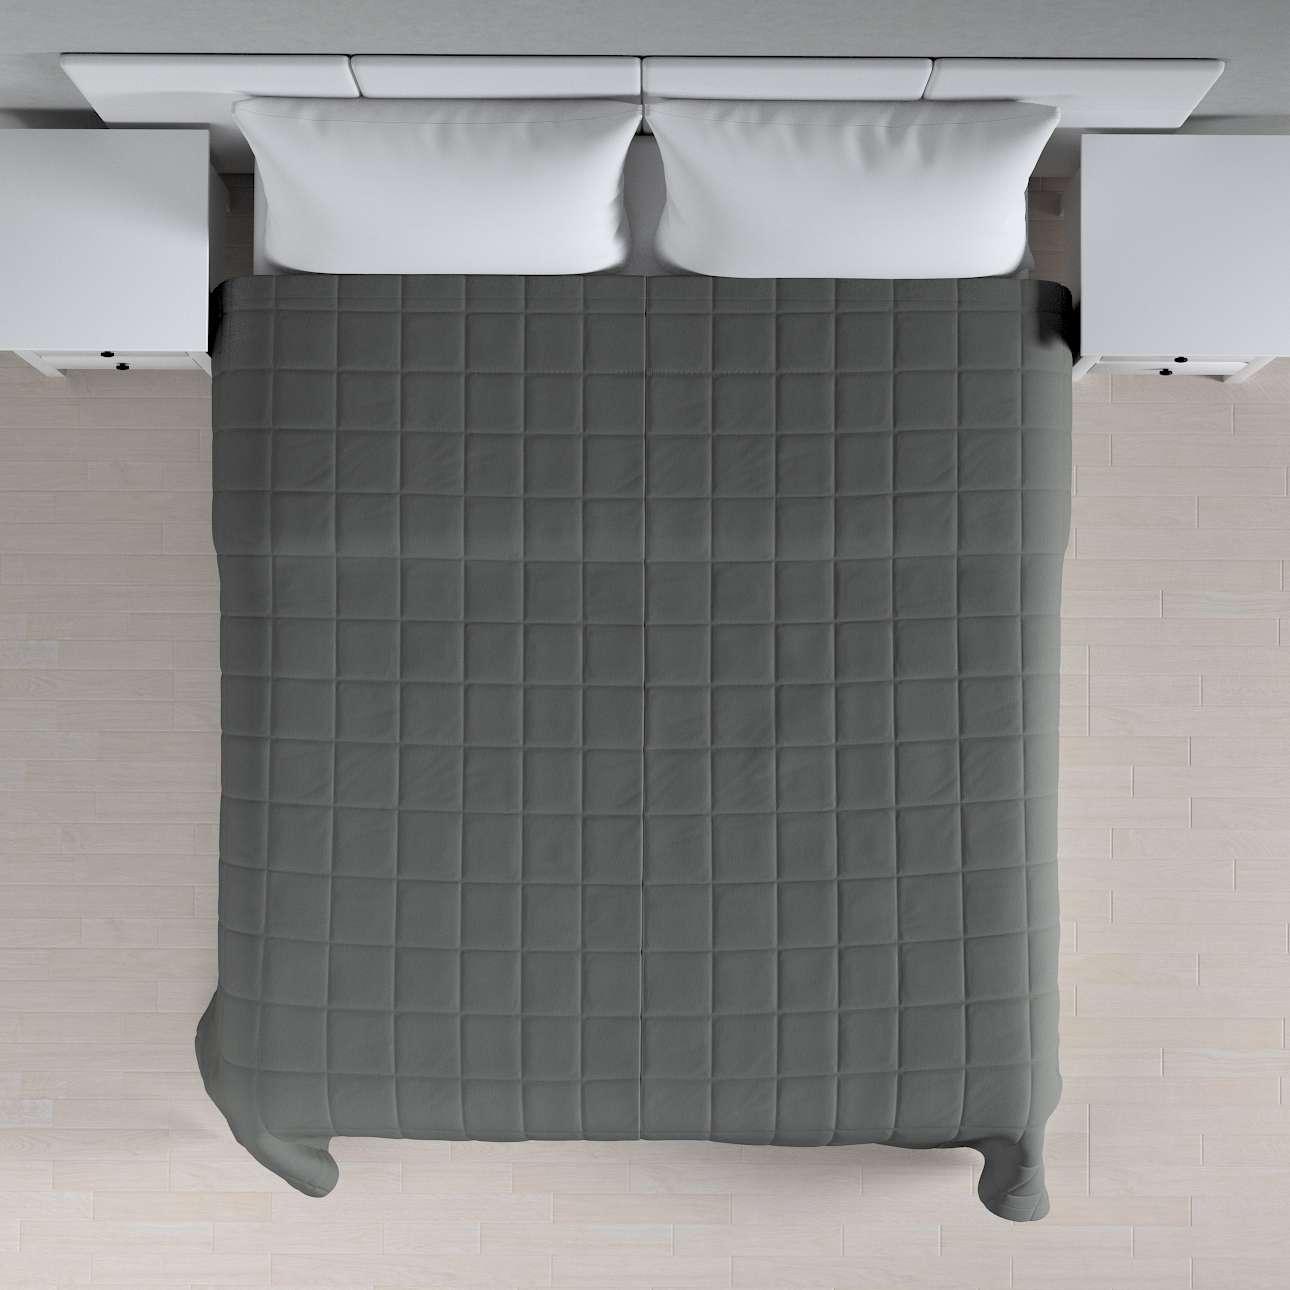 Prehoz prešívaný do štvorcov V kolekcii Quadro, tkanina: 136-14